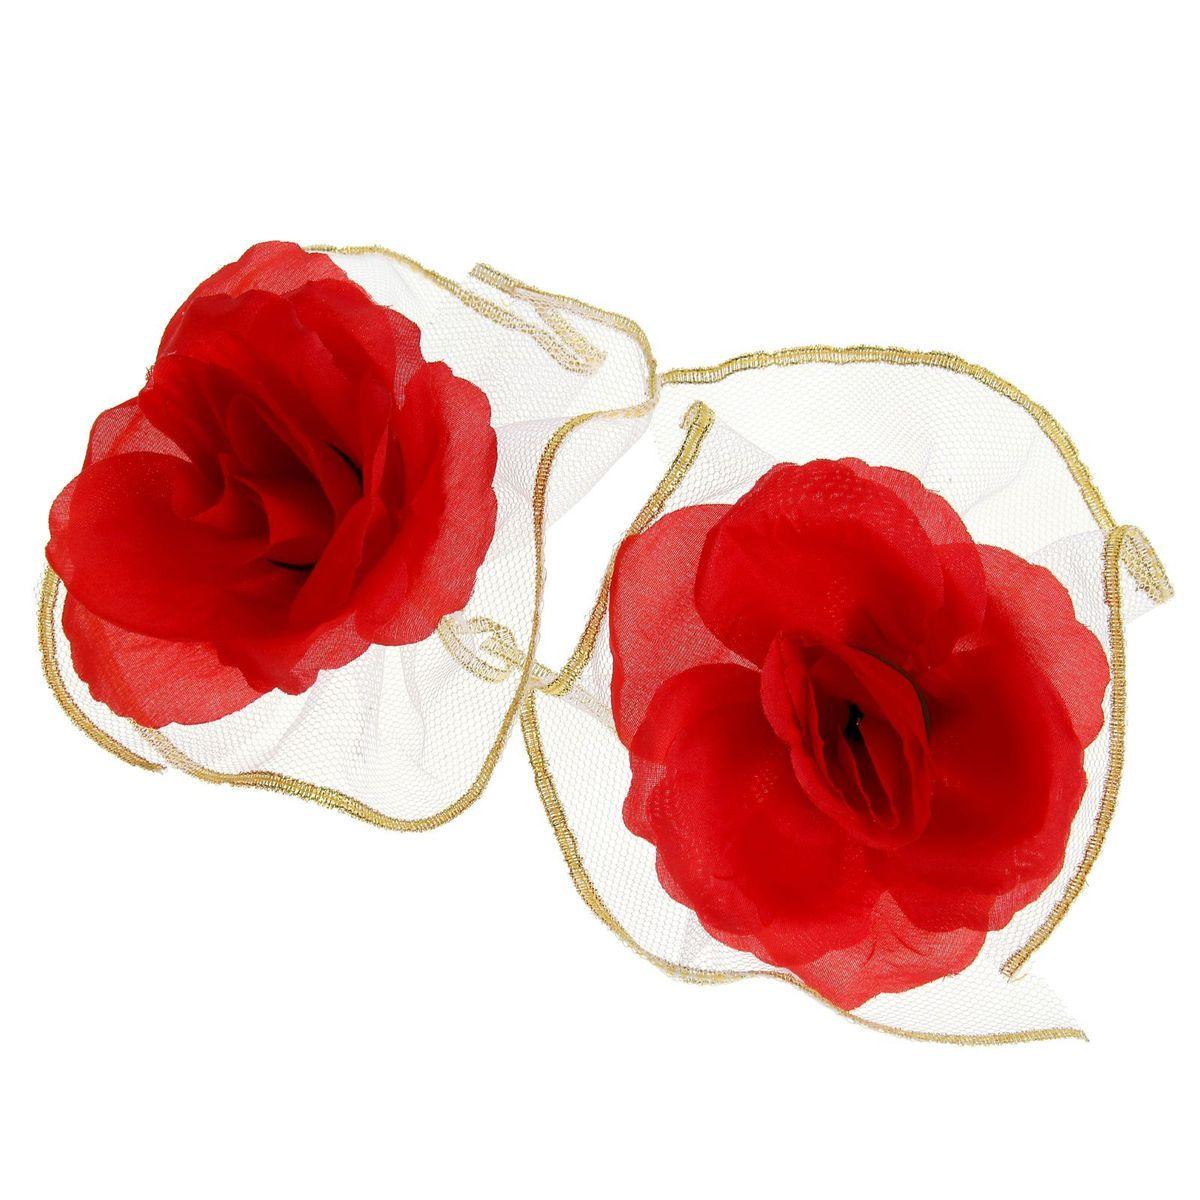 Sima-land Набор красных роз для украшения свадебного авто (2шт), 12 х 9 см1116950Невозможно представить нашу жизнь без праздников! Мы всегда ждём и предвкушаем их, обдумываем, как проведём памятный день, тщательно выбираем подарки и аксессуары, ведь именно они создают и поддерживают праздничный настрой. Особенно если речь идёт о свадьбе!